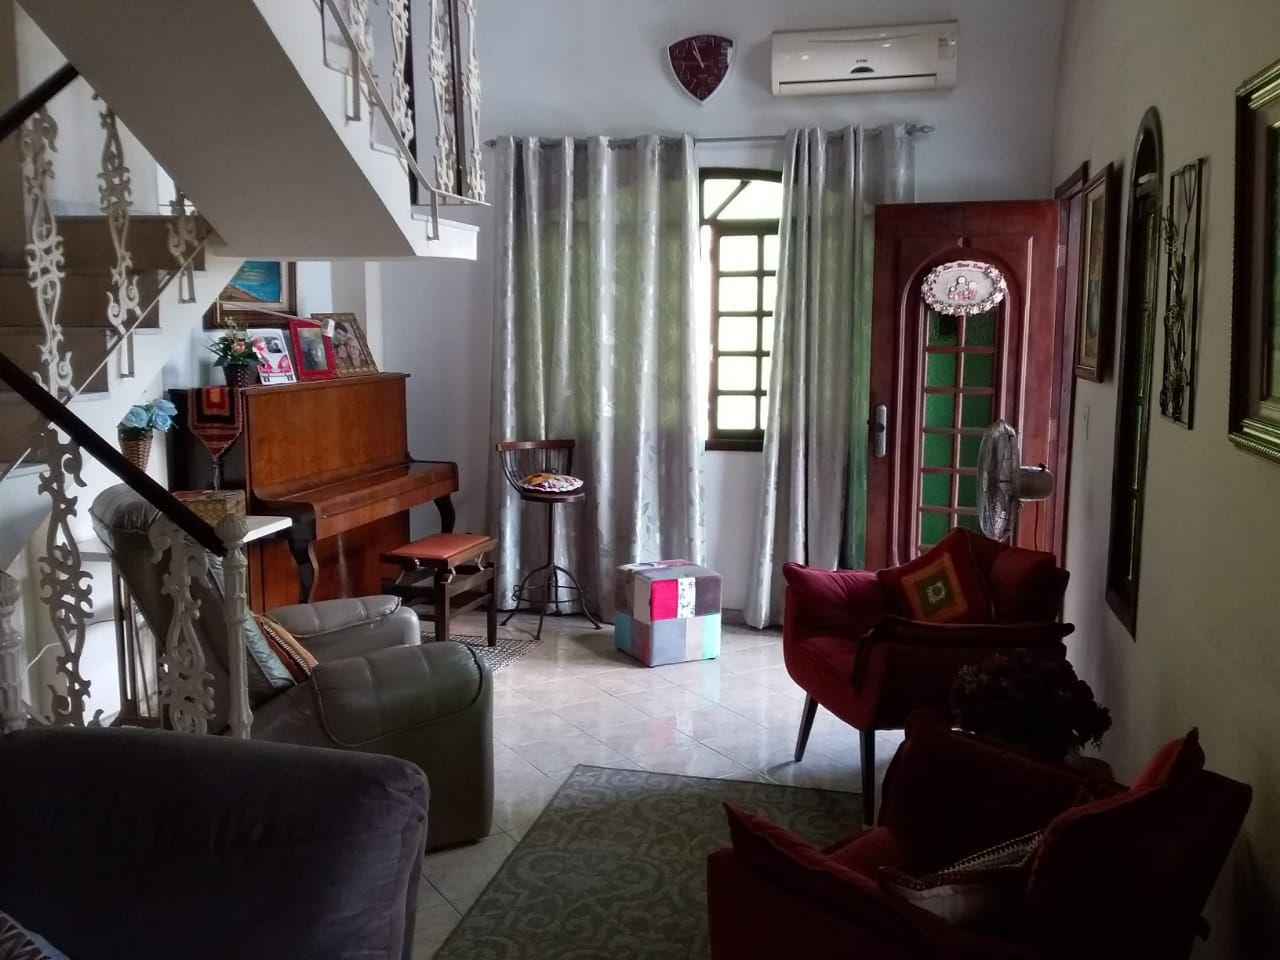 FOTO 5 - Casa à venda Rua Jagoroaba,Vila Valqueire, Rio de Janeiro - R$ 1.500.000 - RF200 - 6